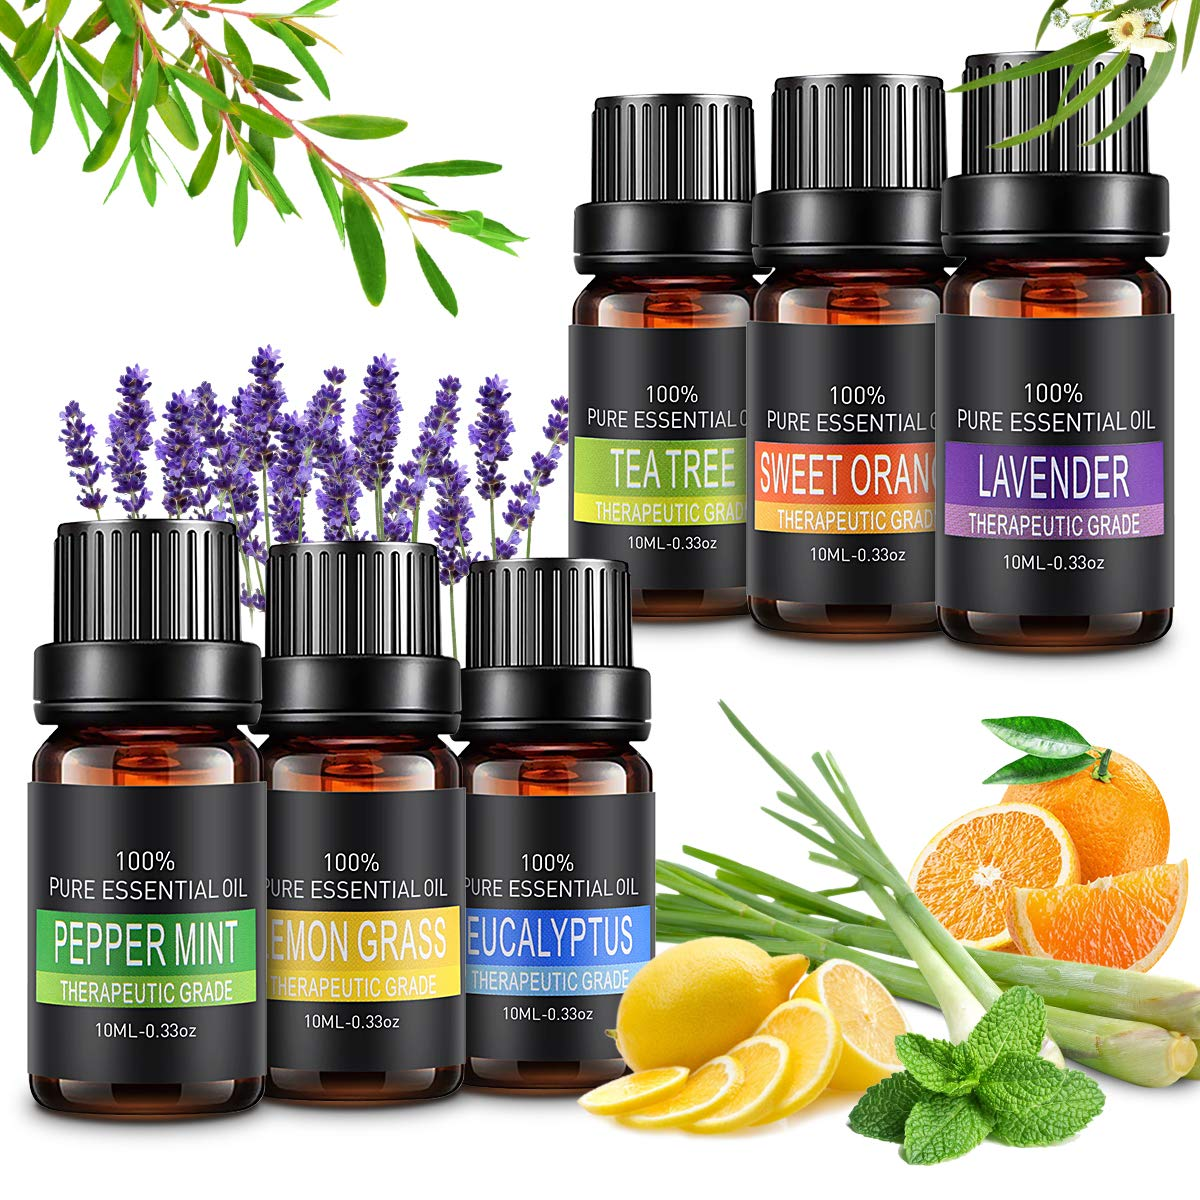 Aceites Esenciales, 6x10ml Aromaterapia Aceites Esenciales para Humidificador,100% Naturales (Naranja Dulce, Lavanda, Arból de Té, Menta, Limoncillo, Eucalipto) para SPA,Masajes